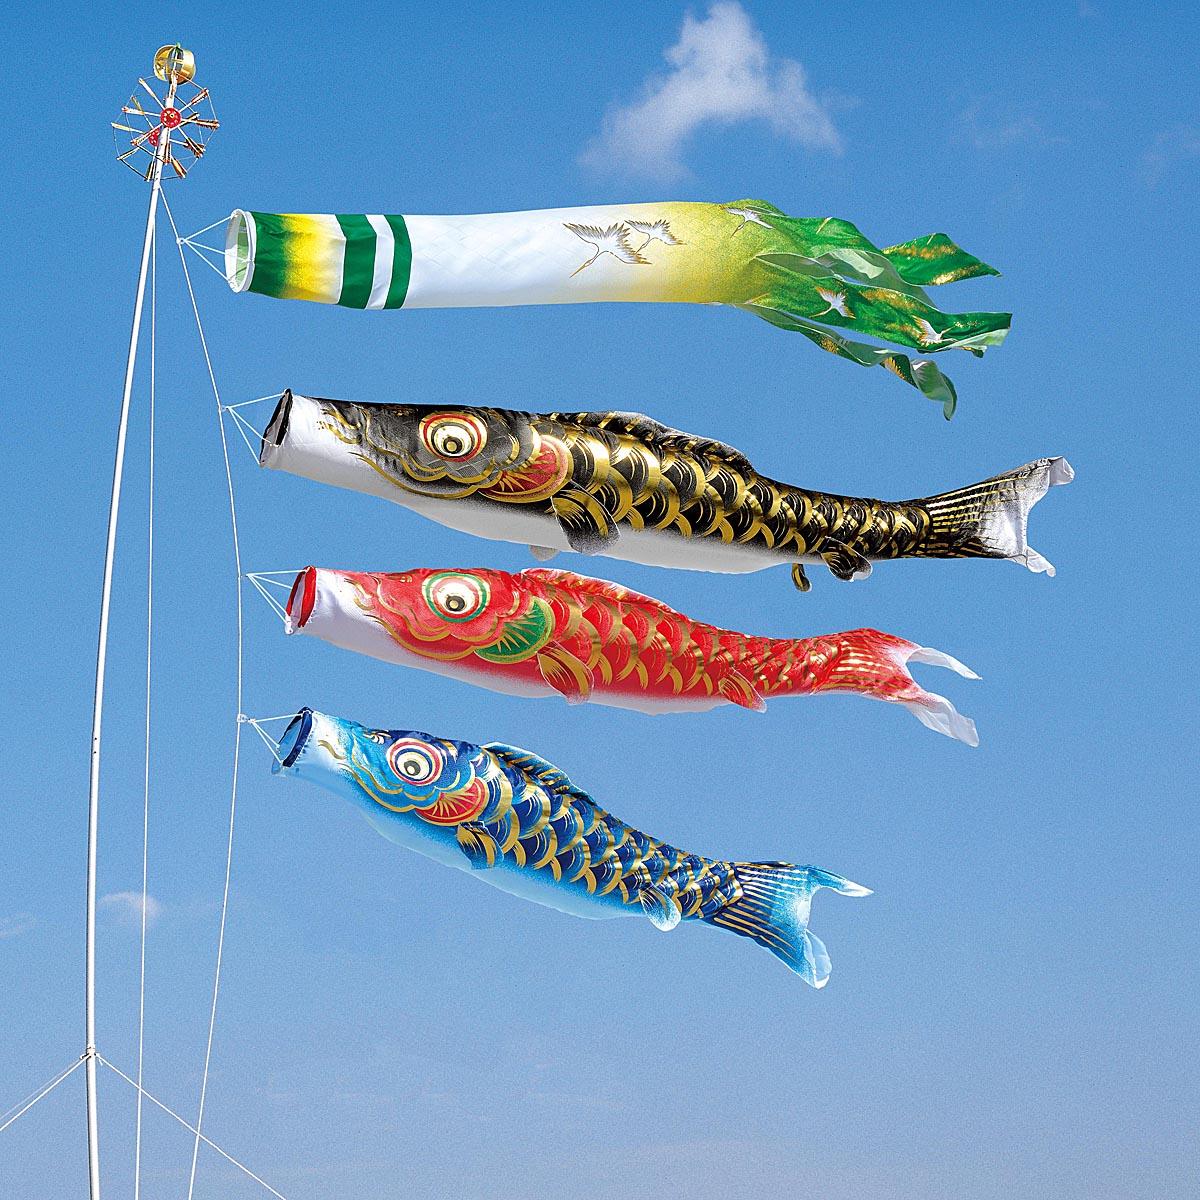 こいのぼり 庭用 凛風 4m 6点 (矢車、ロープ、吹流し、鯉3匹) 大型/ポール別売り ダイヤ鯉 KOD-O-734372